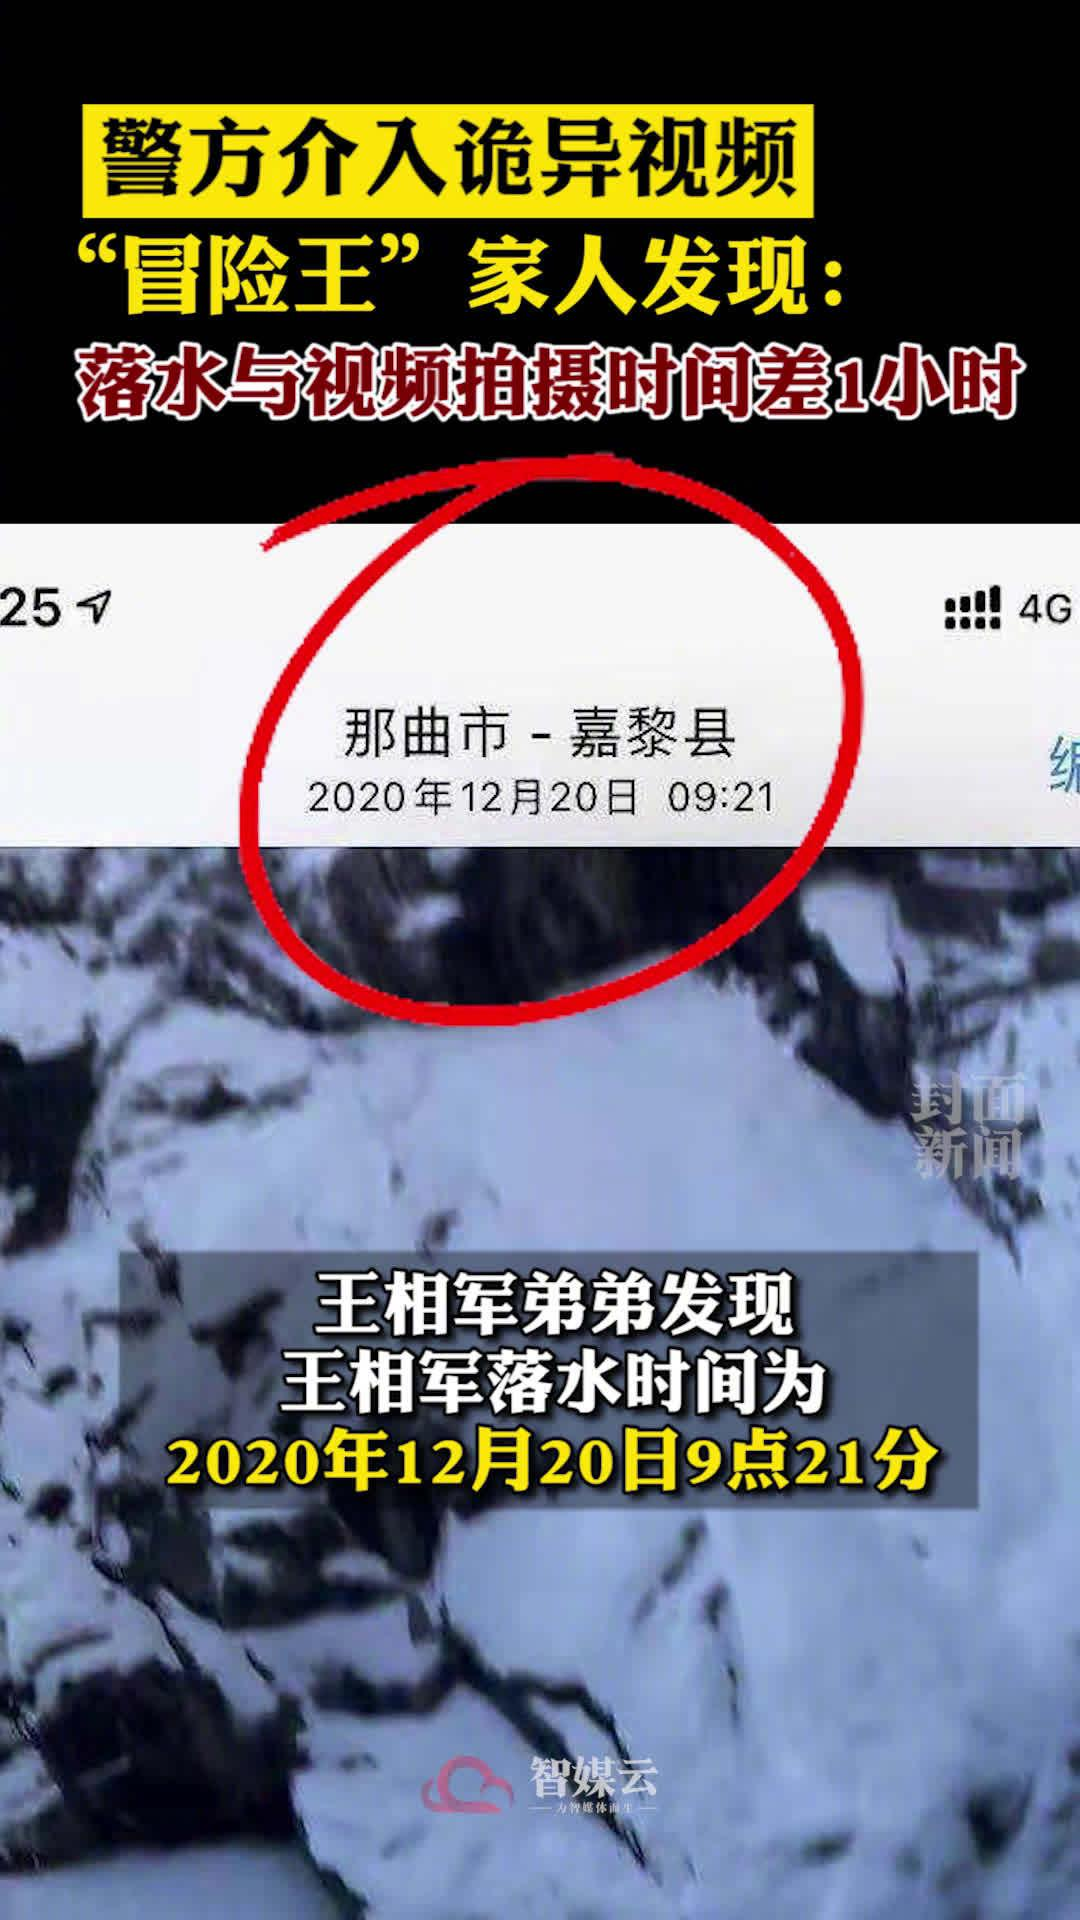 西藏冒险王失联六大疑问